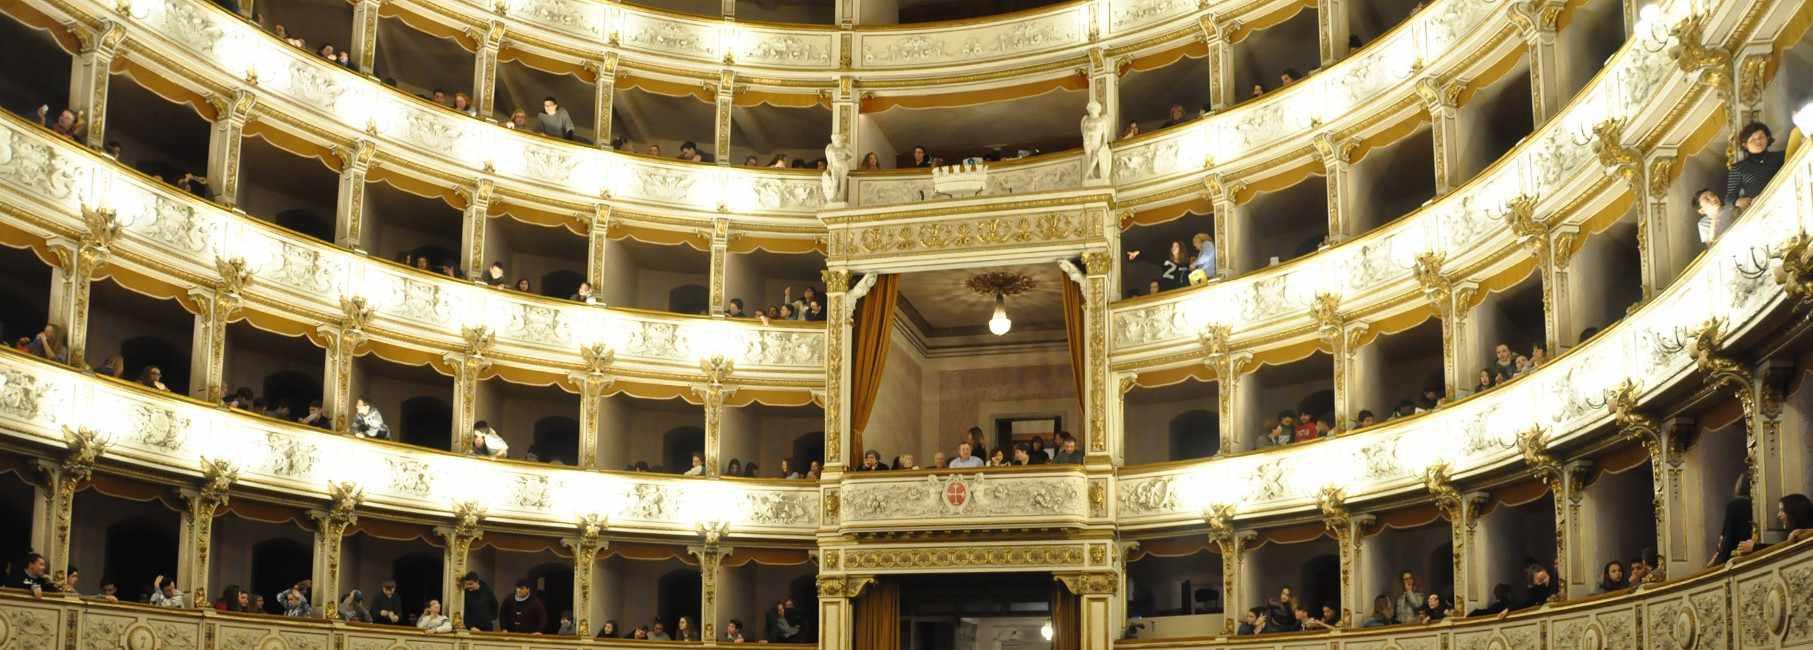 Teatro Verdi in Pisa